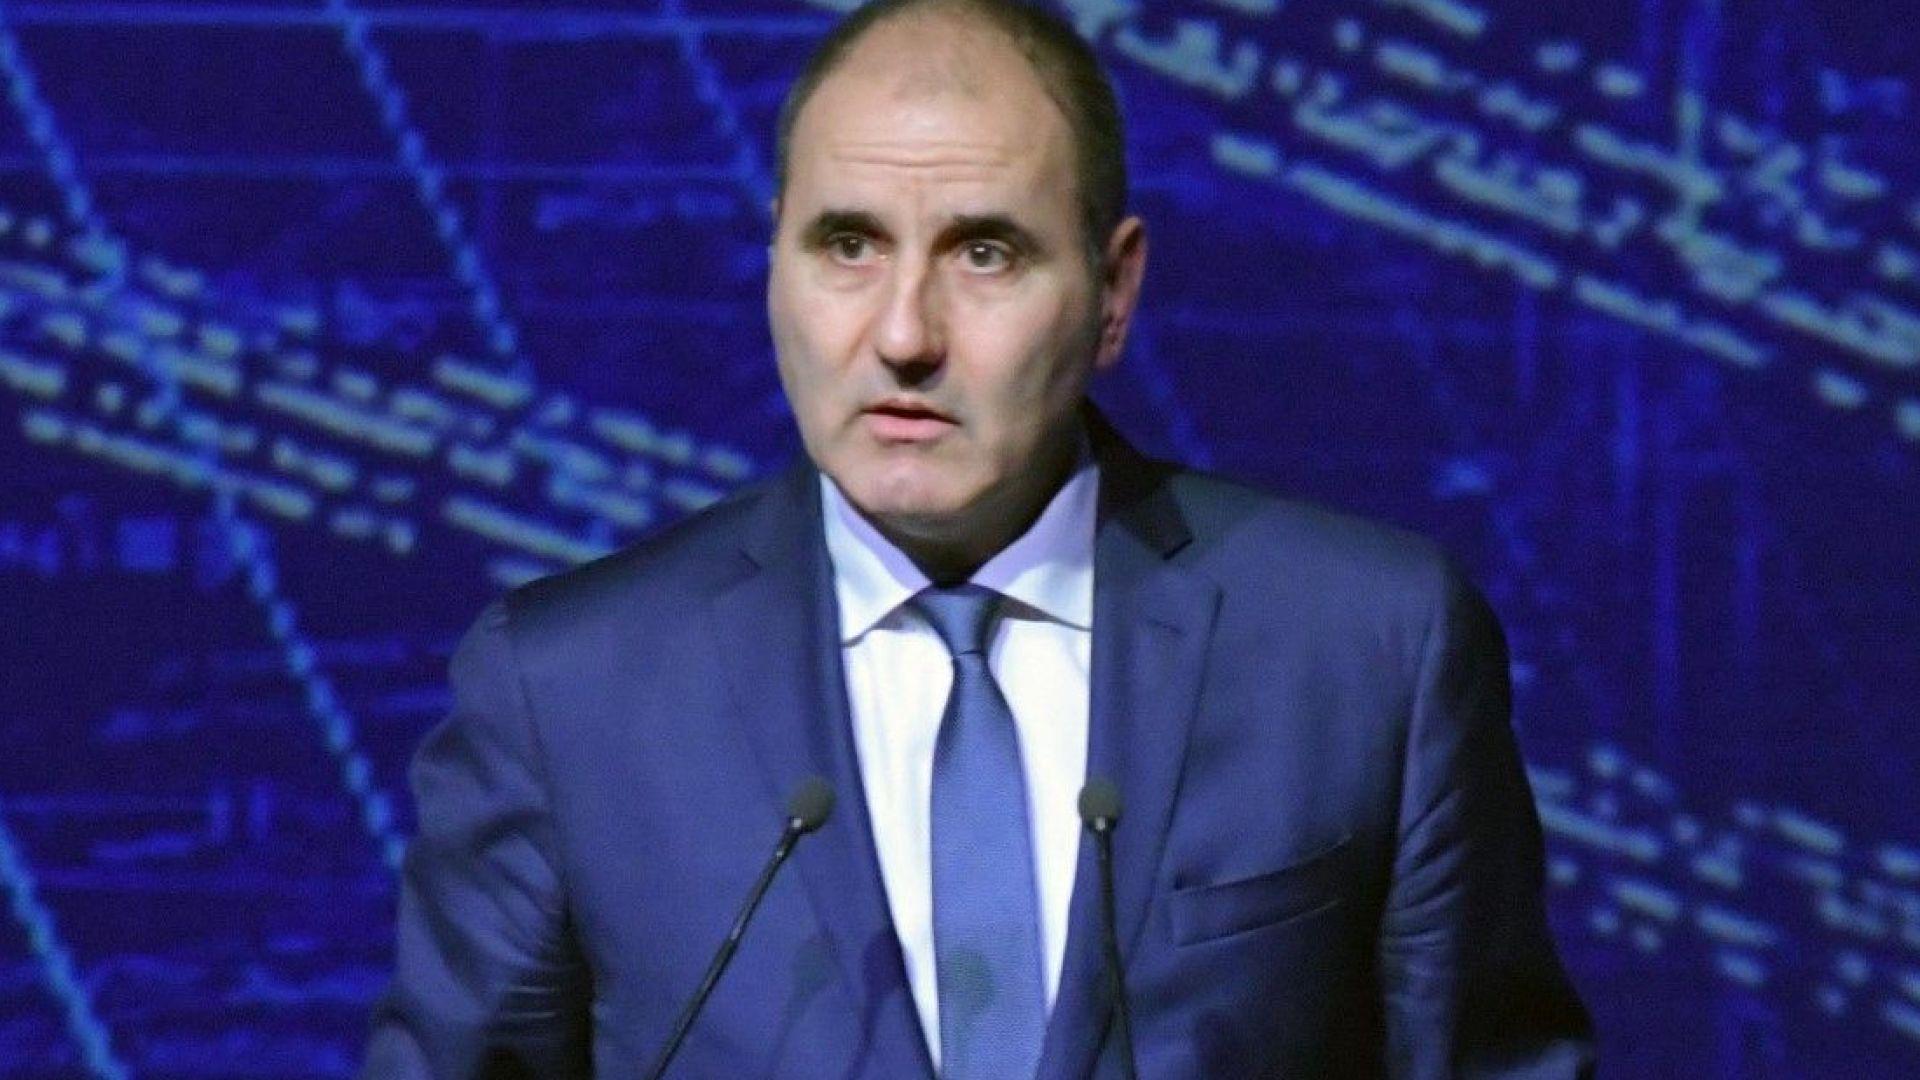 Връщането на Светлозар Лазаров на поста главен секретар на МВР